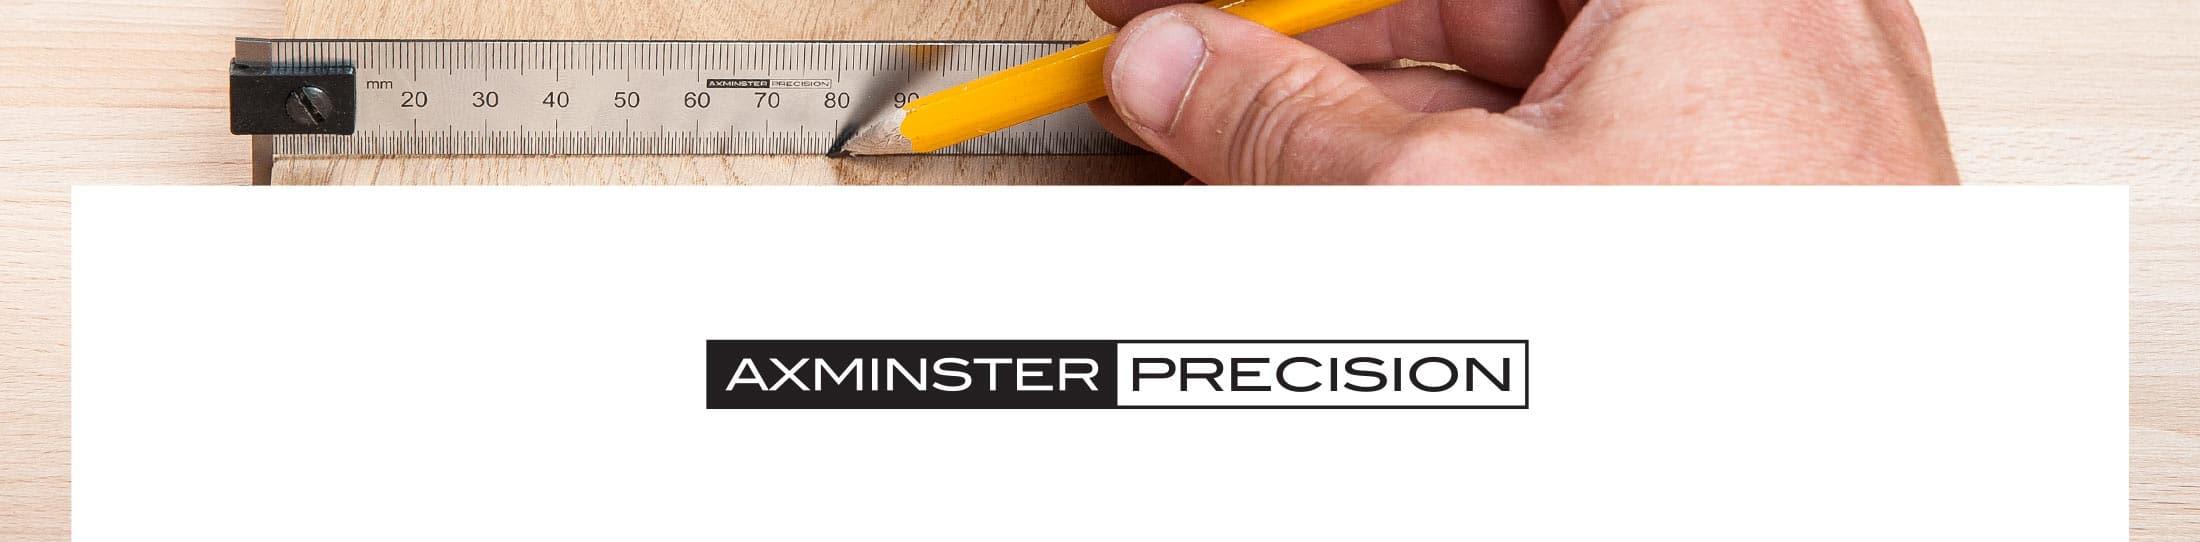 Axminster Precision